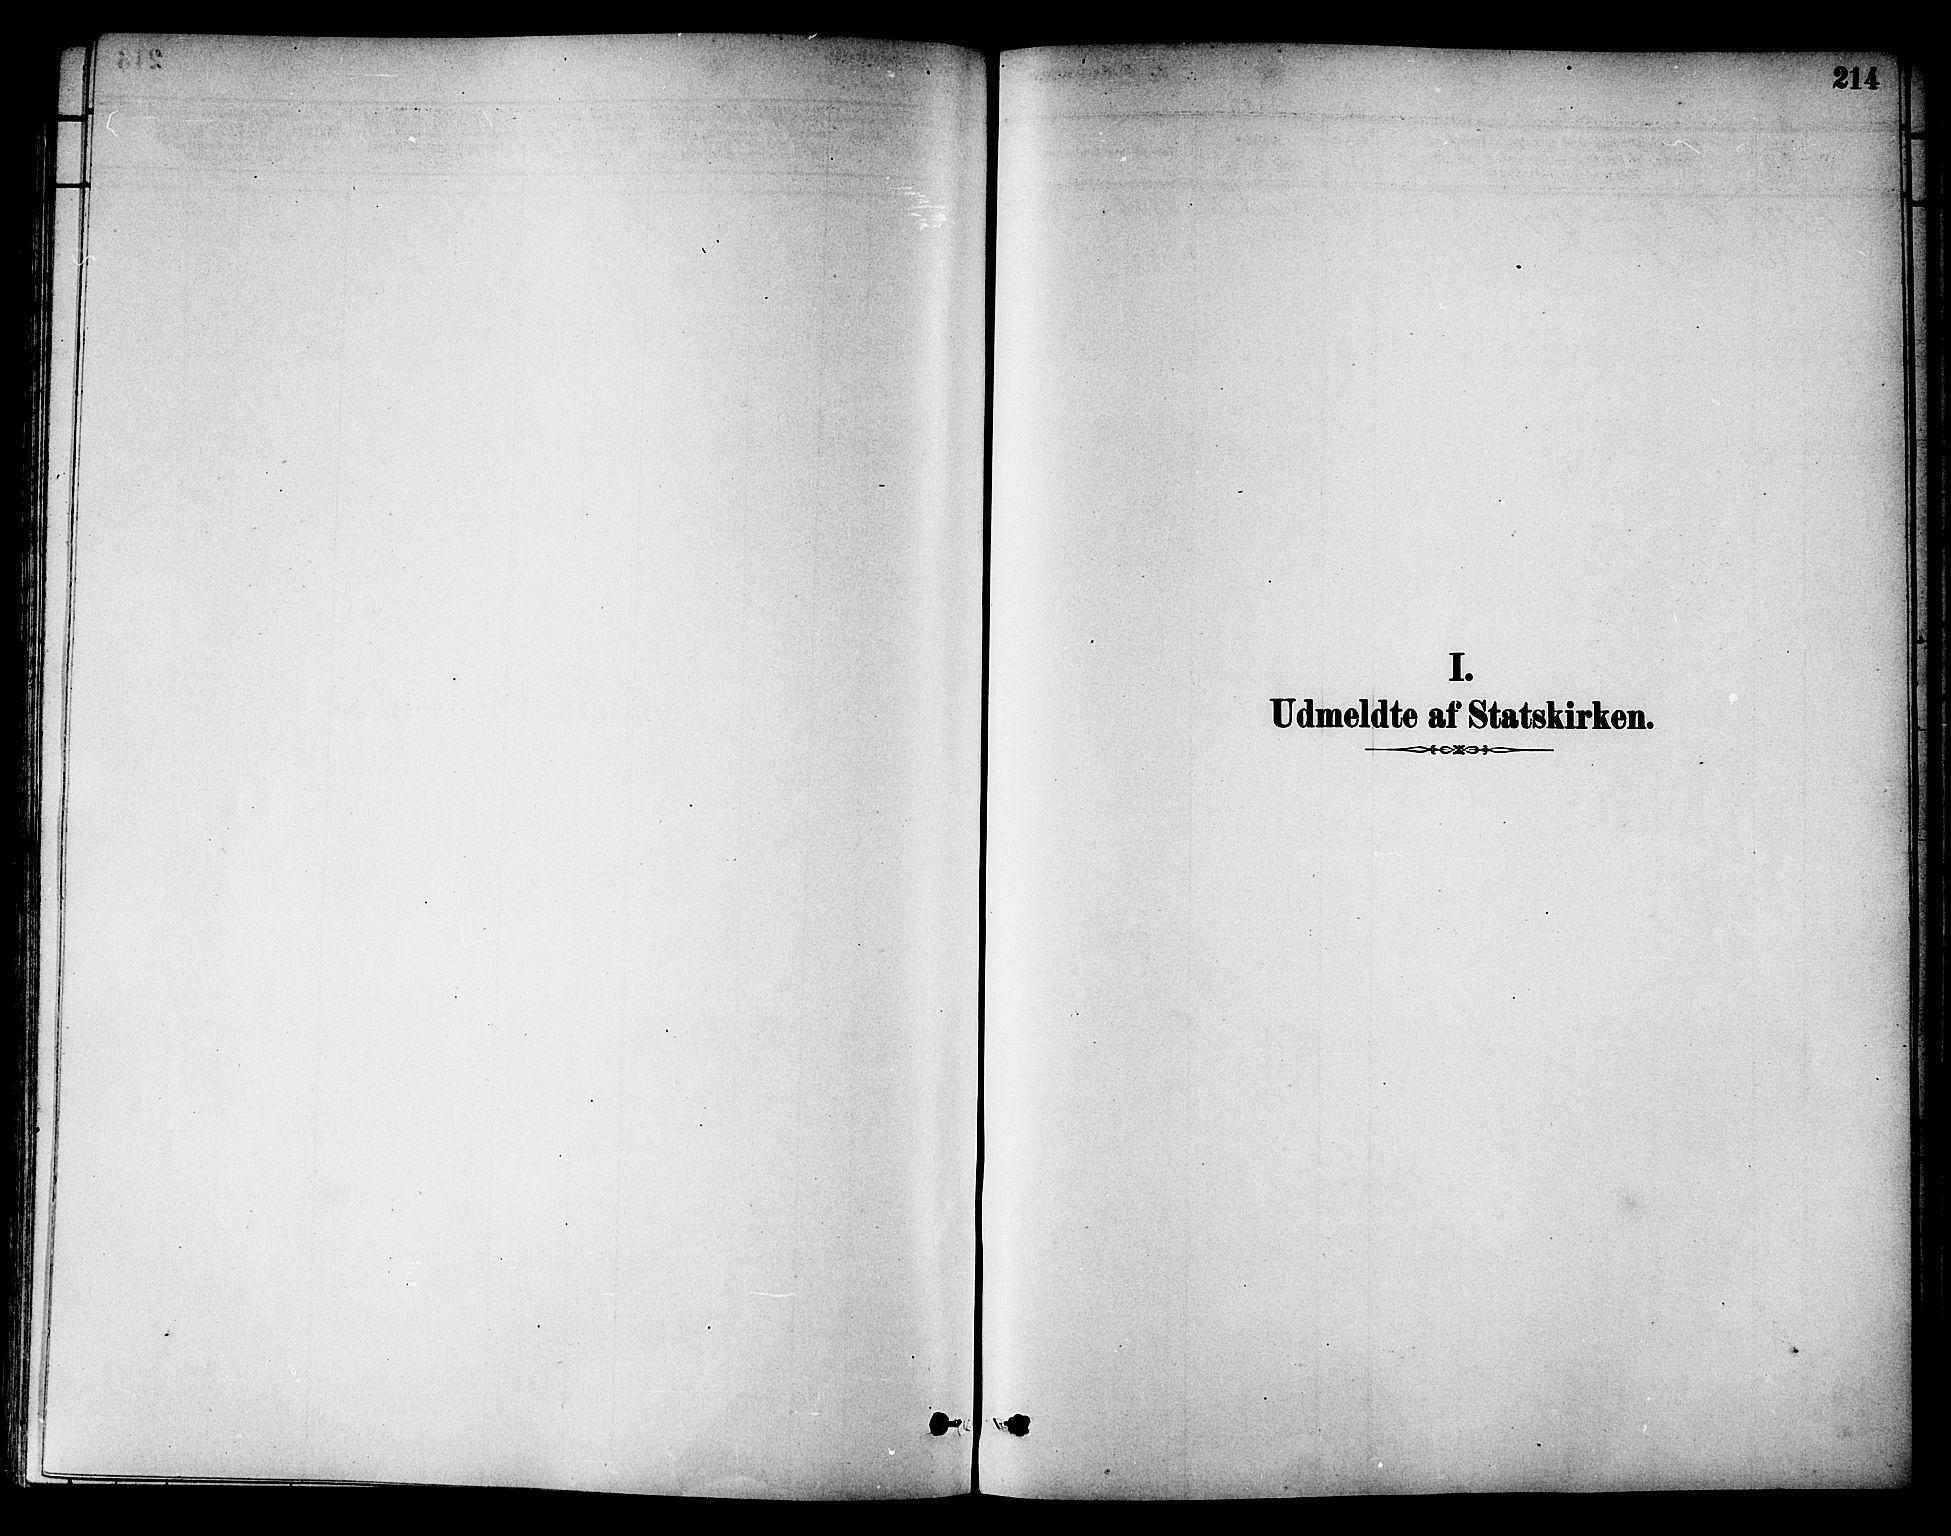 SAT, Ministerialprotokoller, klokkerbøker og fødselsregistre - Nord-Trøndelag, 784/L0672: Ministerialbok nr. 784A07, 1880-1887, s. 214